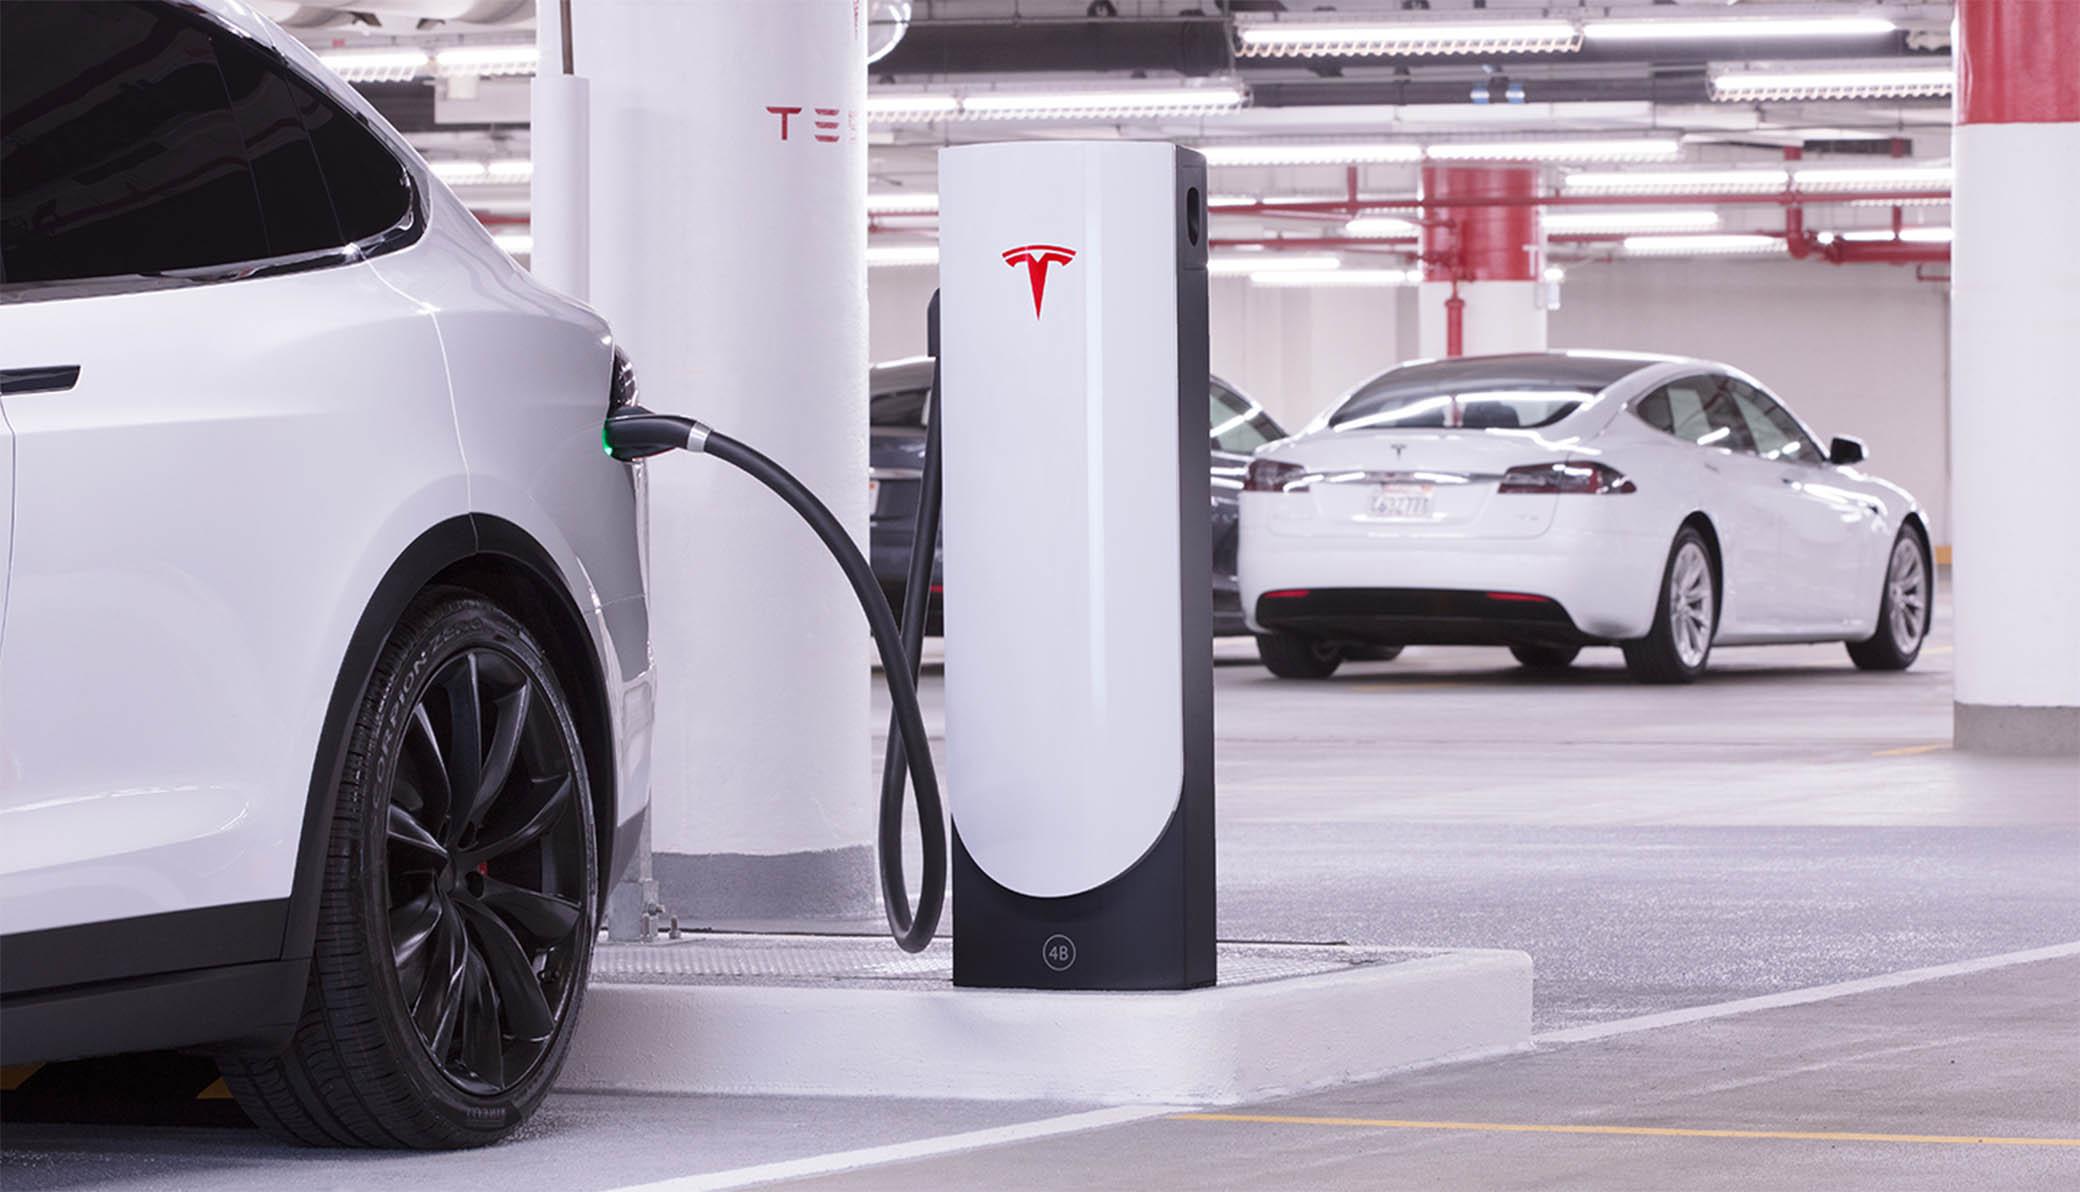 Tesla : vers une batterie capable de supporter 3 millions de km selon de nouveaux résultats